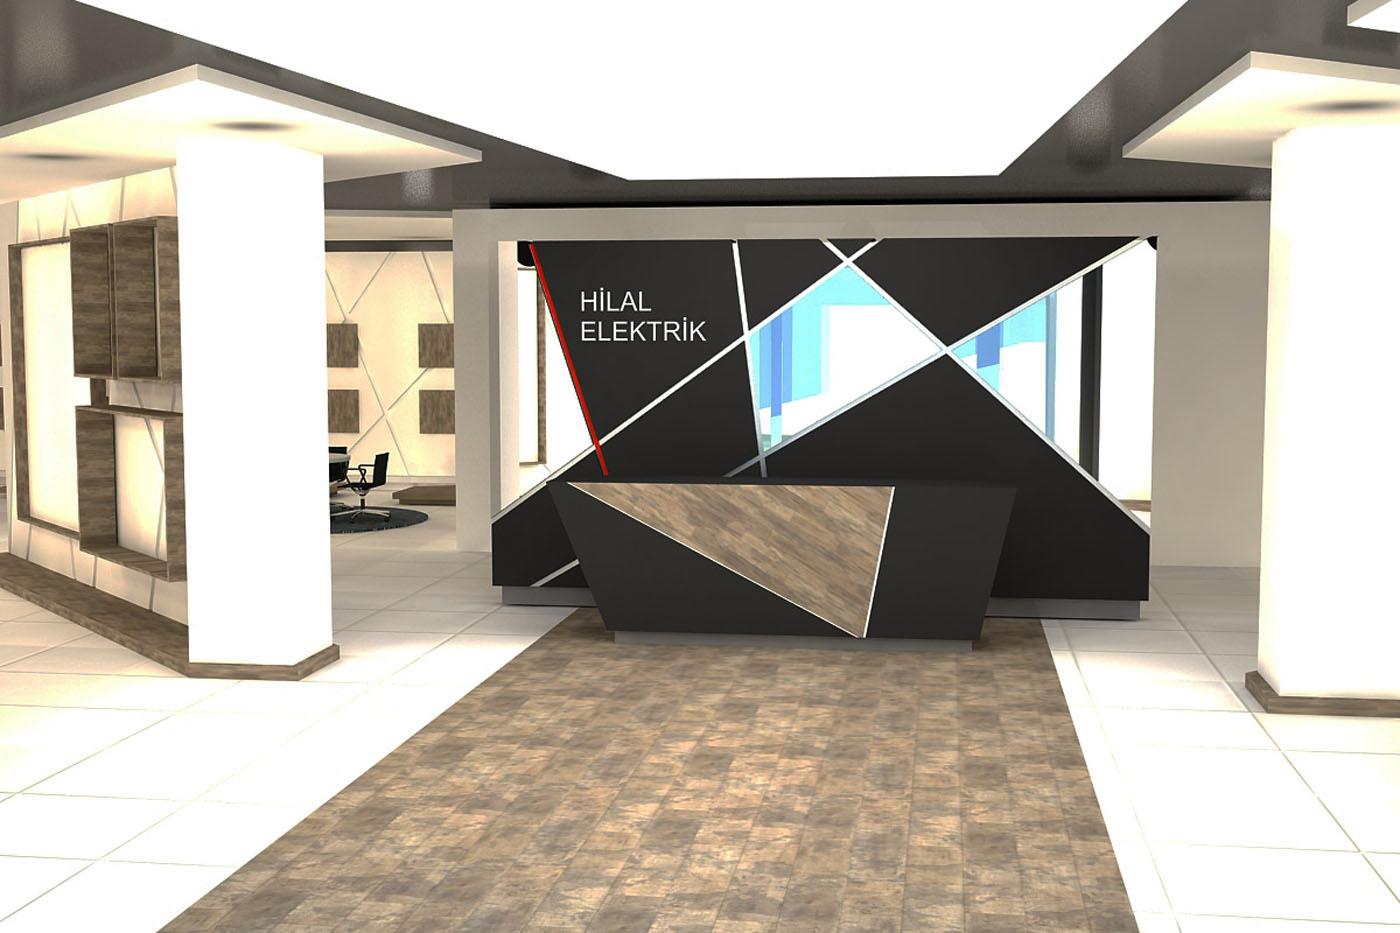 Design office ofis tasarim ve uygulamasi hilal elektrik for Design office y z